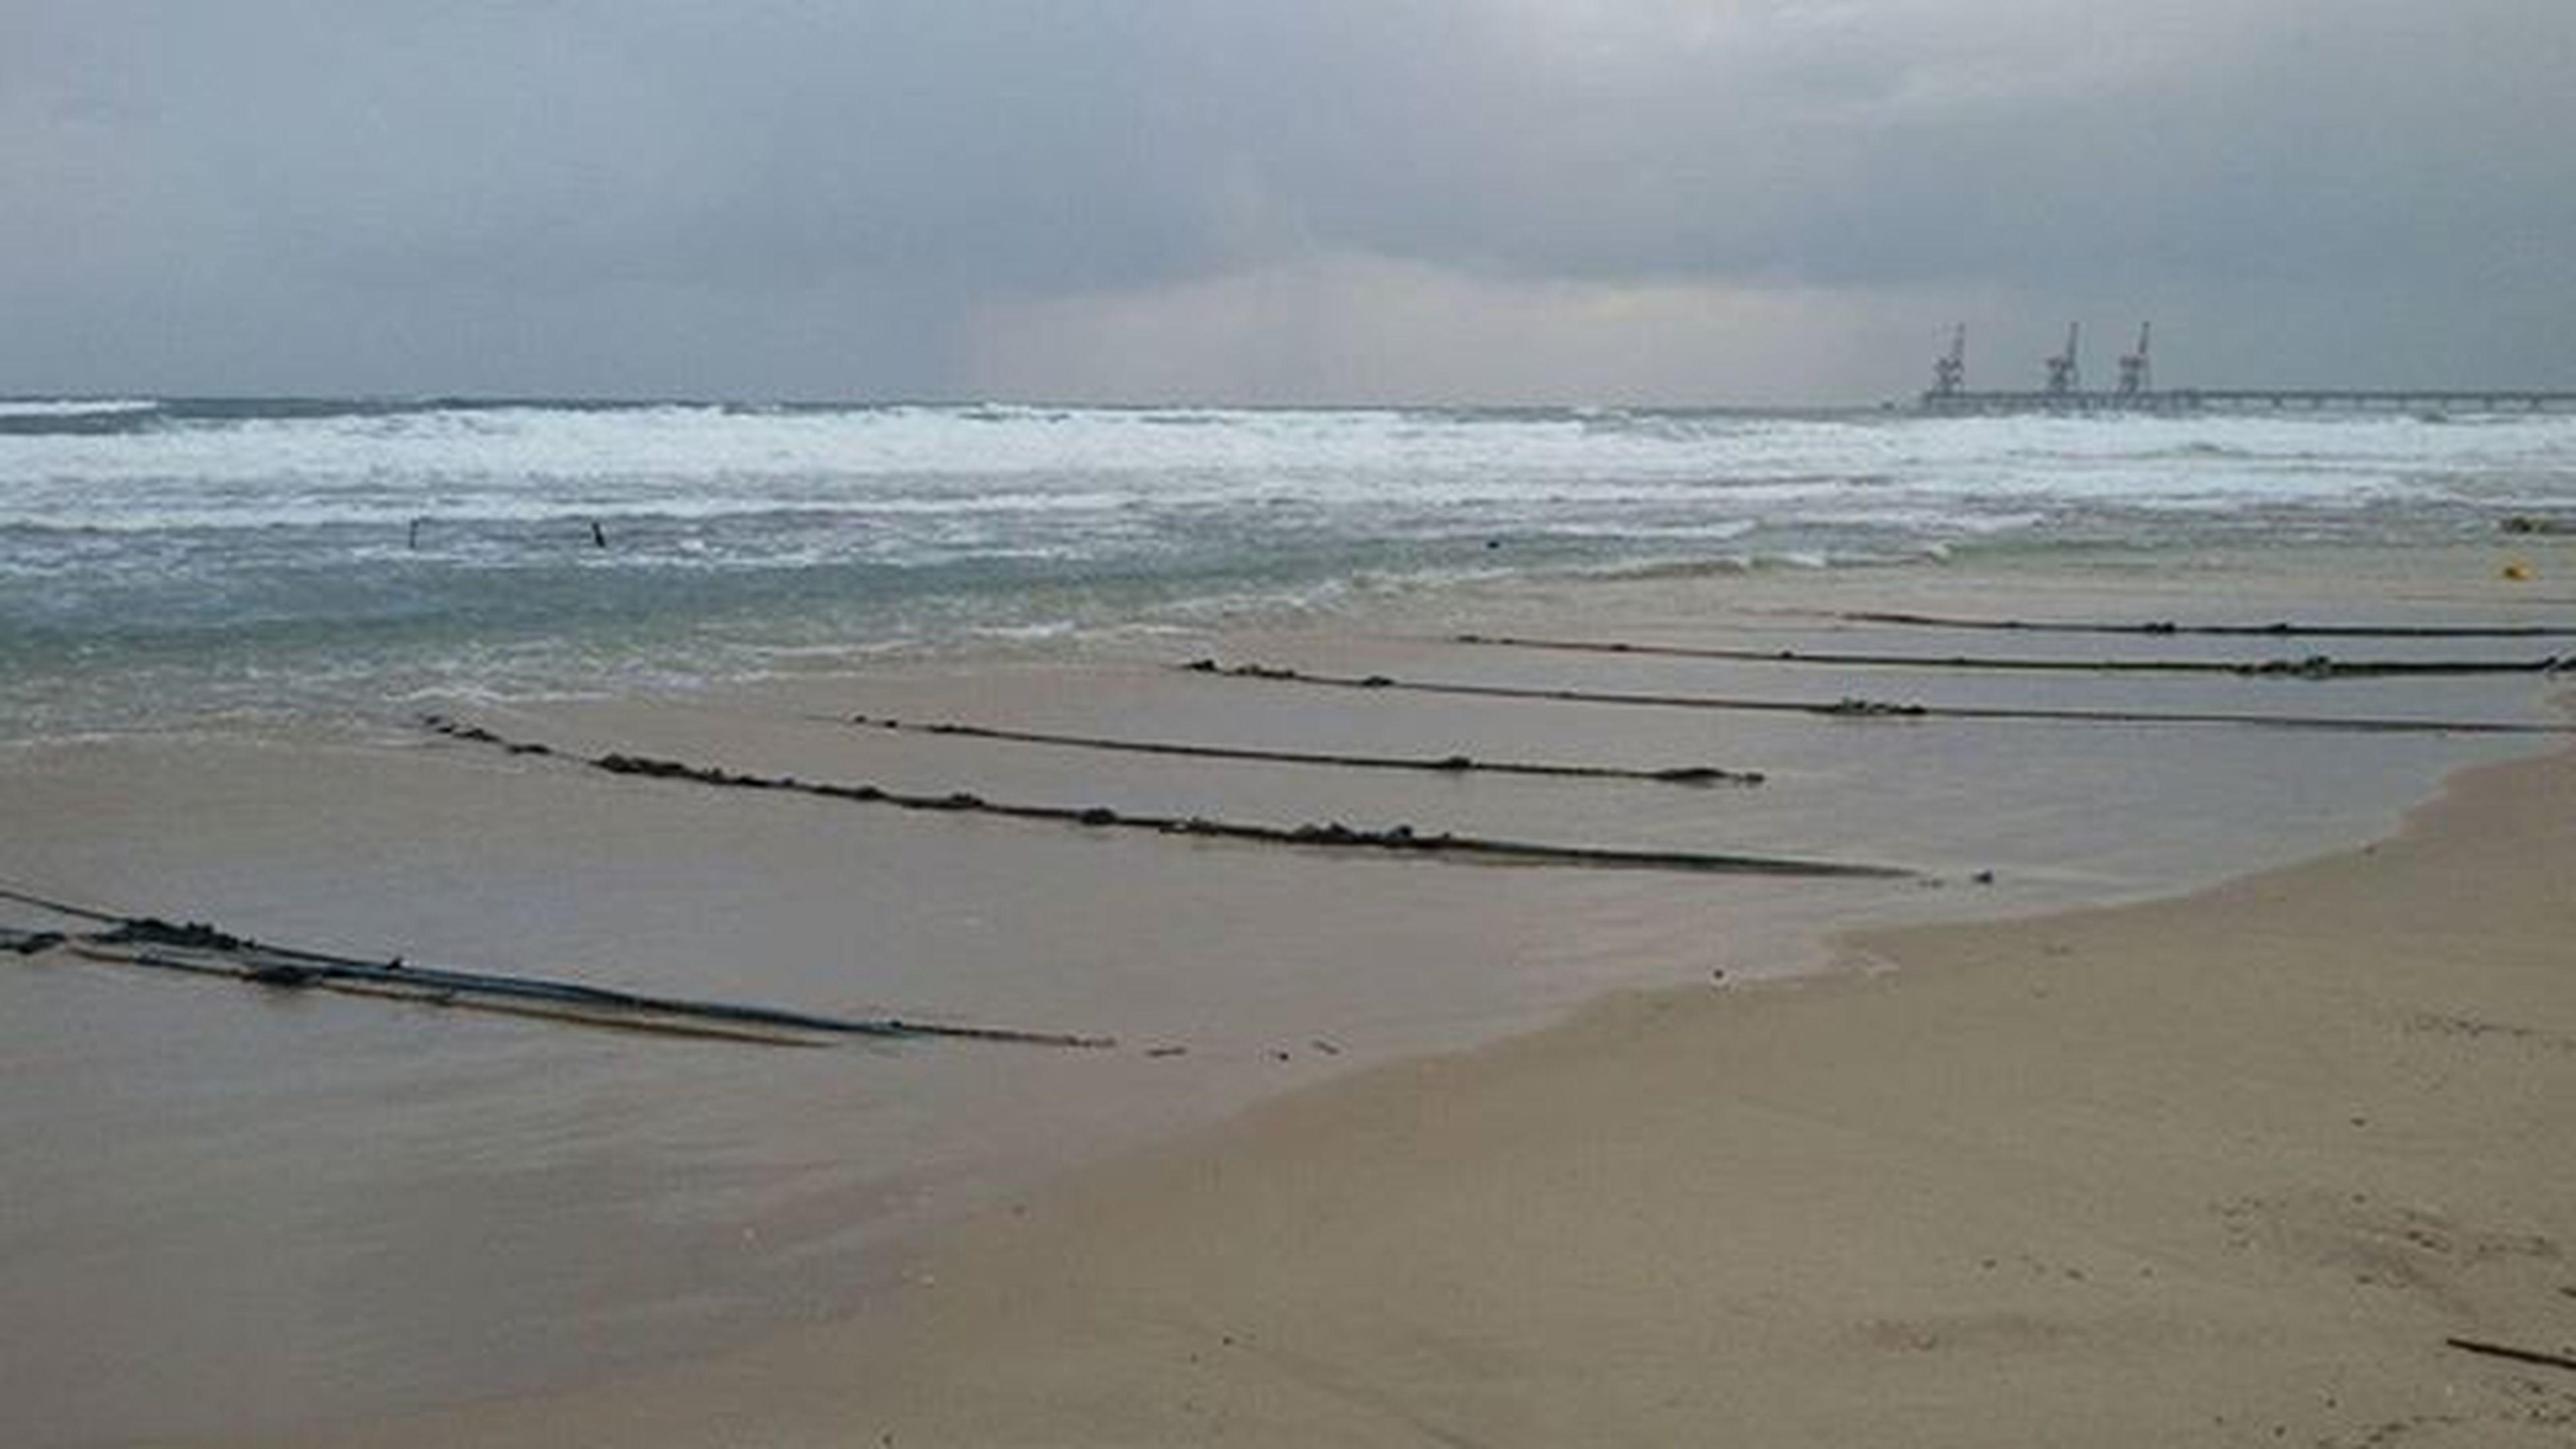 השקט שלפני הסערה..🌊🌊 Winter Storm Stormyweather Abondedbeach Keepcalmandhugsomeone Israelwinter Olgabeach H̱adera